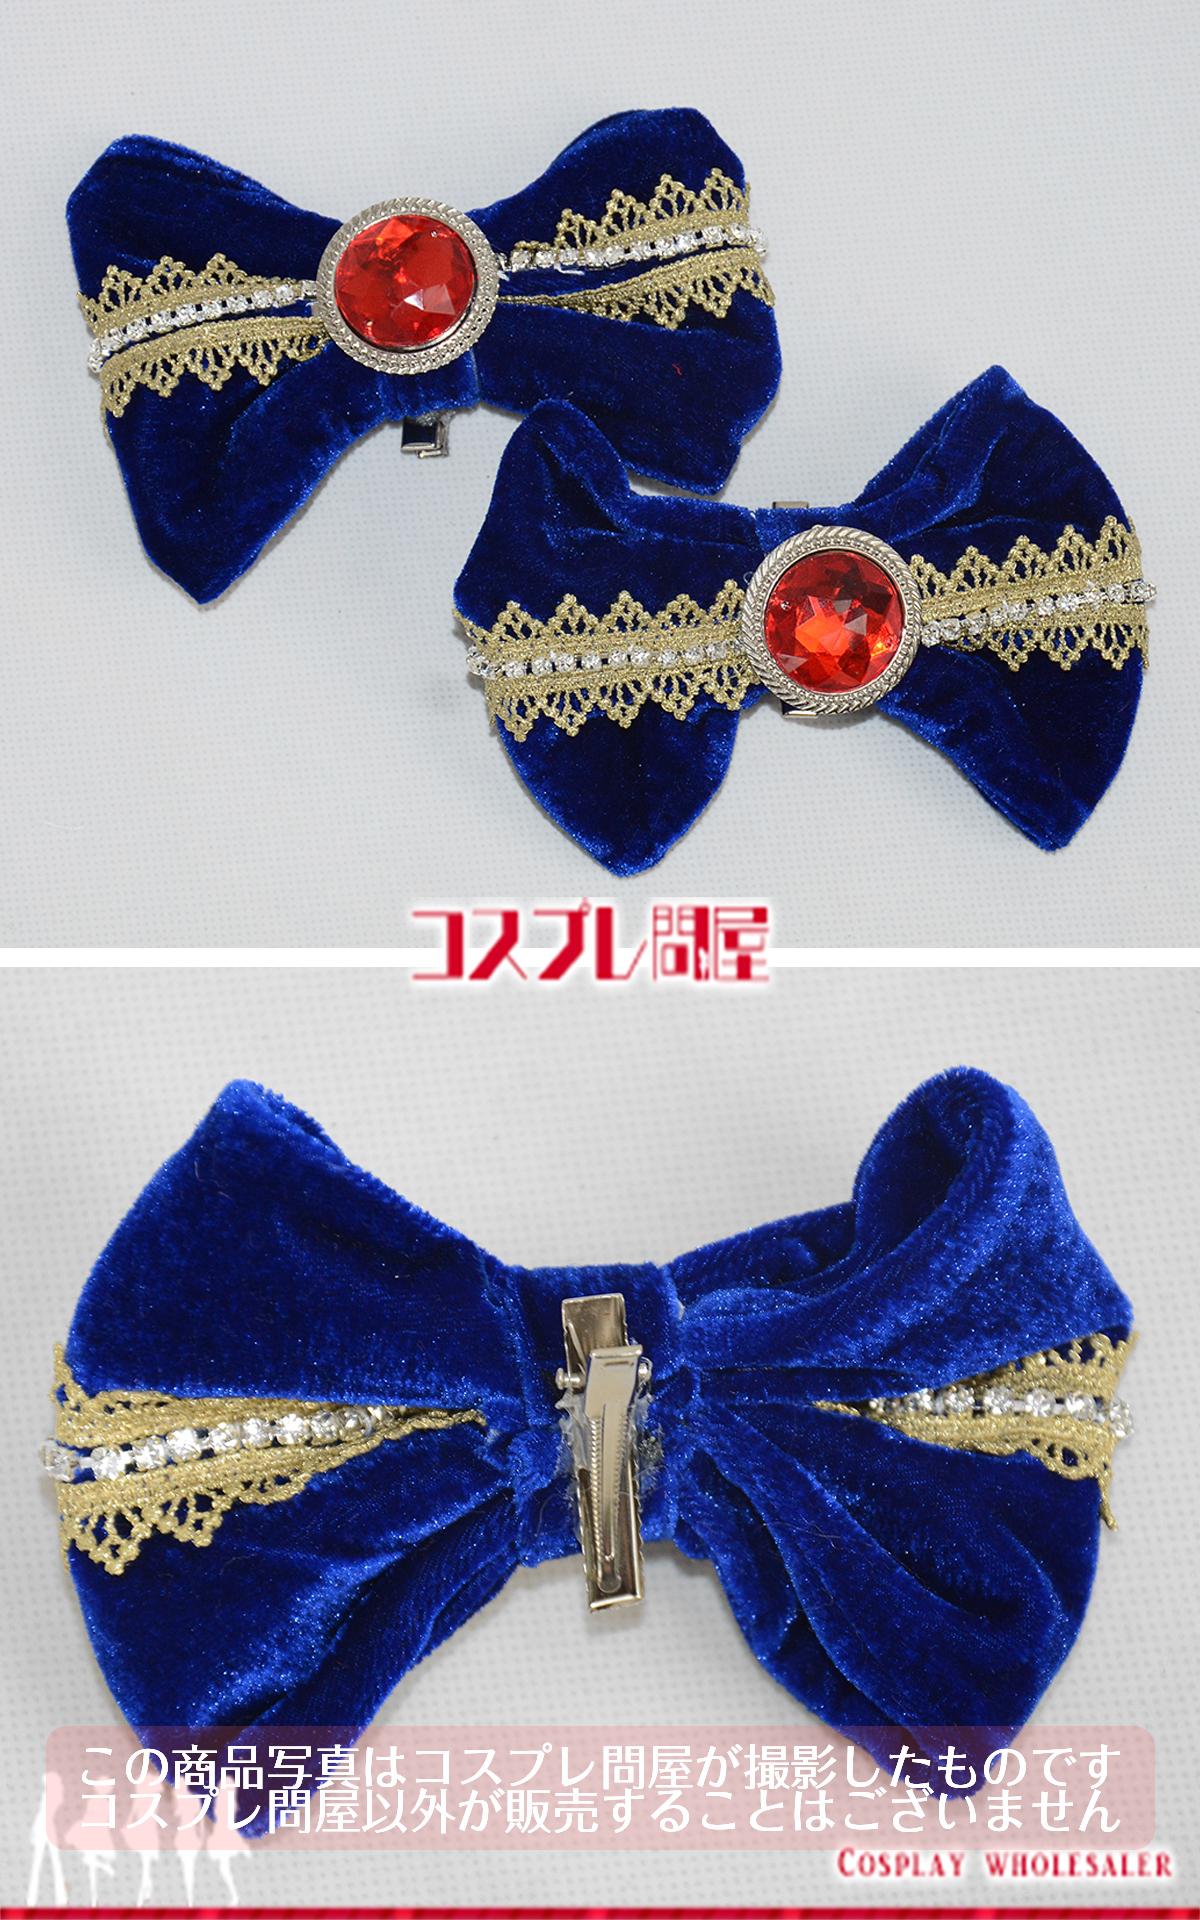 東京ディズニーシー(TDS) イッツ・クリスマスタイム! クラリス 靴リボンのみ レプリカ衣装 フルオーダー [3387]